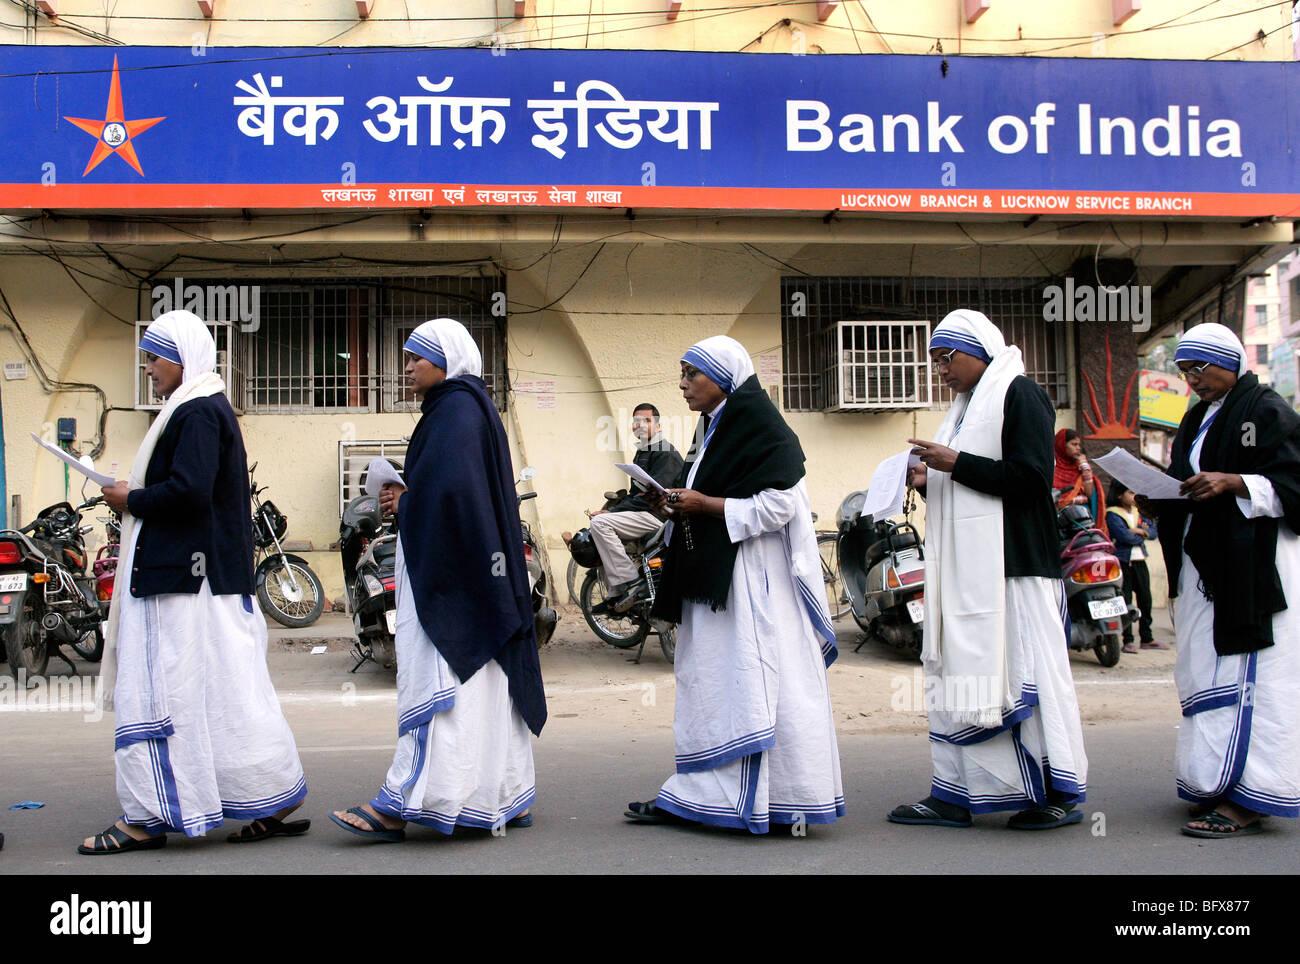 - Las hermanas de la congregación de los Misioneros de la Caridad (Madre Teresa Hermanas) pasando un brunch Imagen De Stock